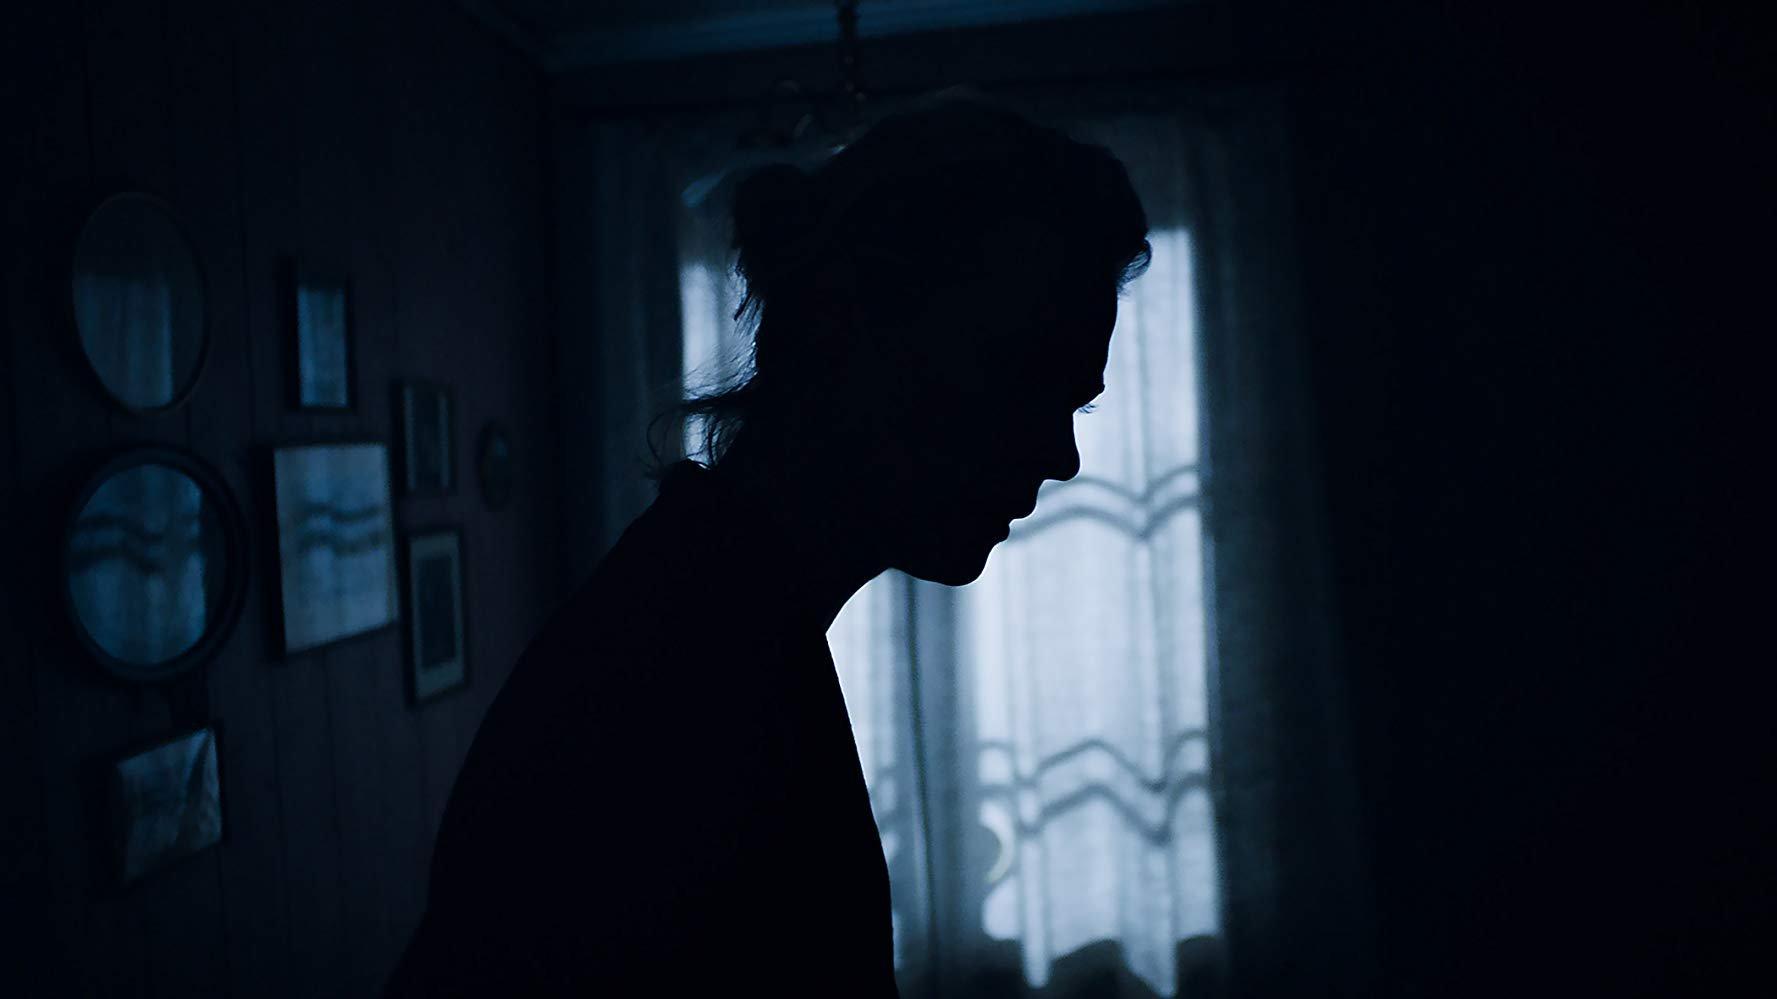 хоррор фобия 2018 haunted отвратительные мужики disgusting men